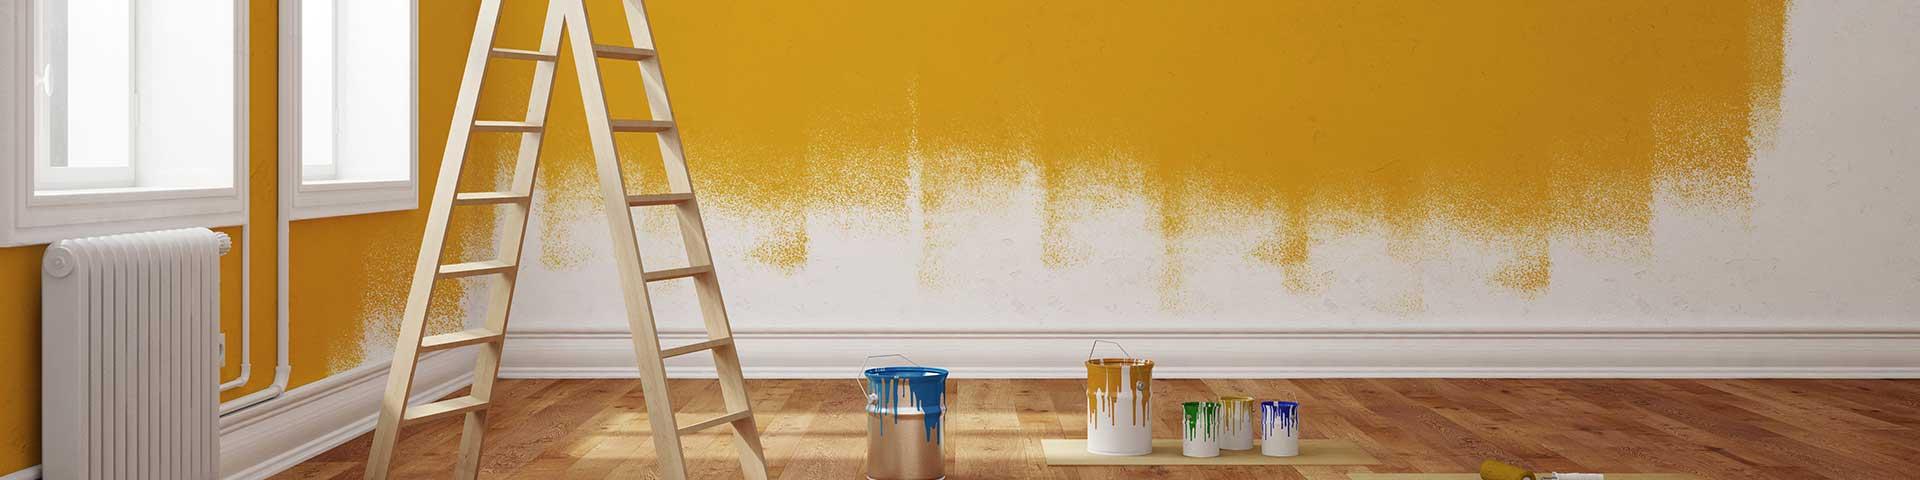 pomieszczenie w trakcie malowania ścian na żółty kolor